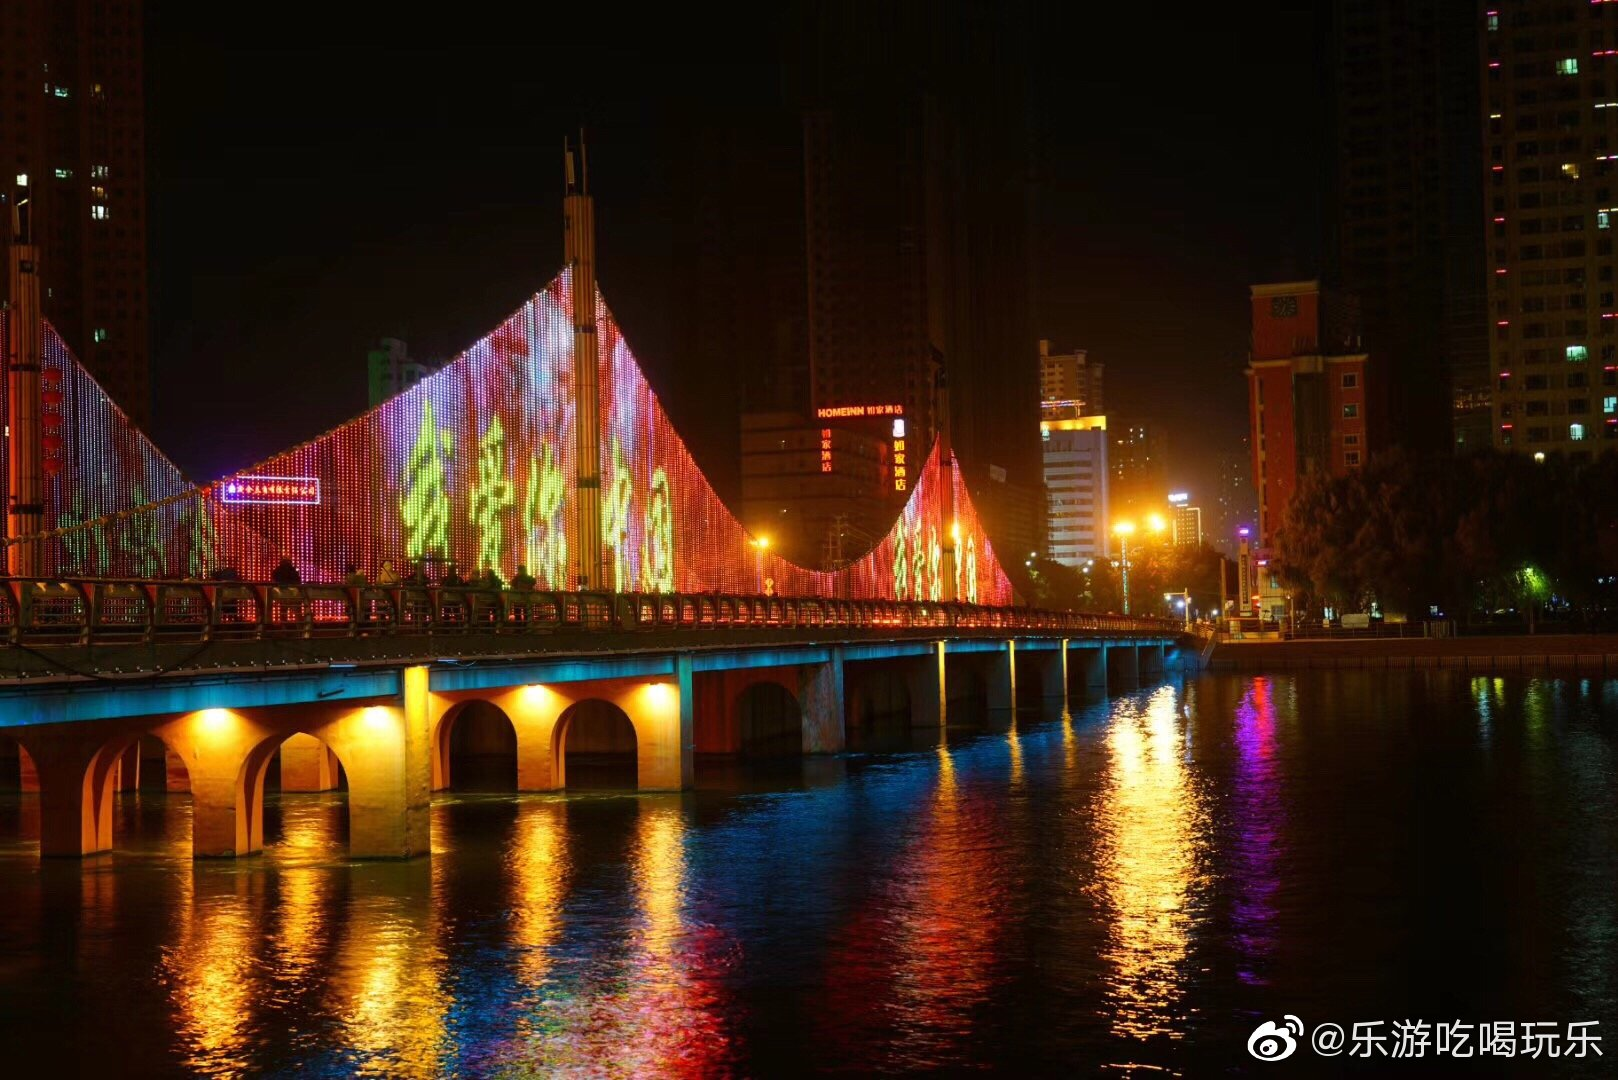 南疆首日:奔波8小时到达库尔勒,晚上观赏孔雀河夜景